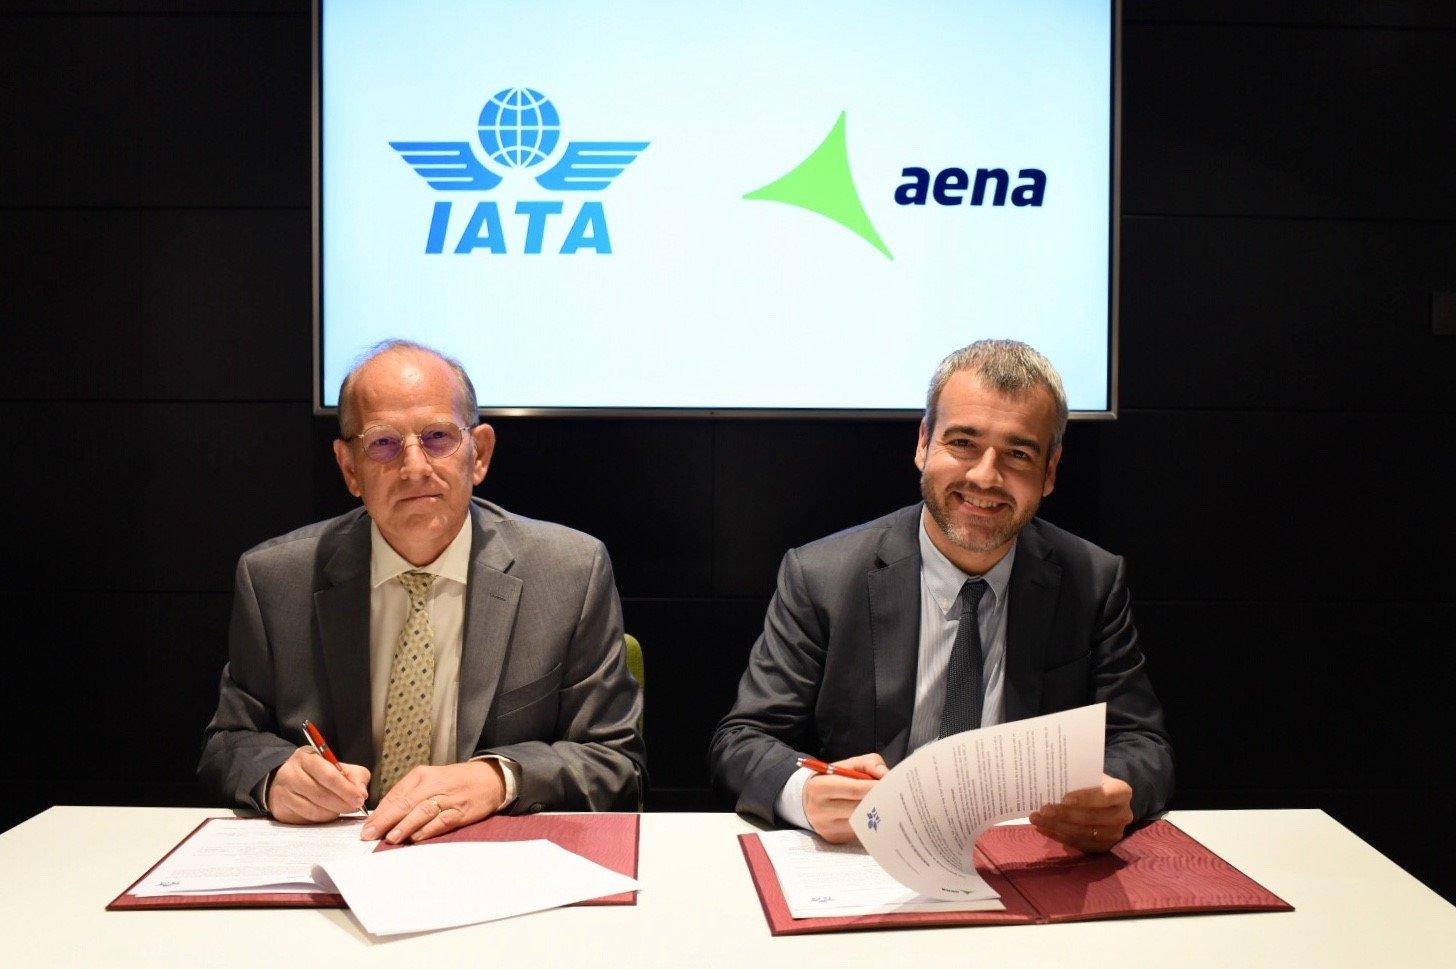 Aena e IATA colaborarán para agilizar la operación aeroportuaria